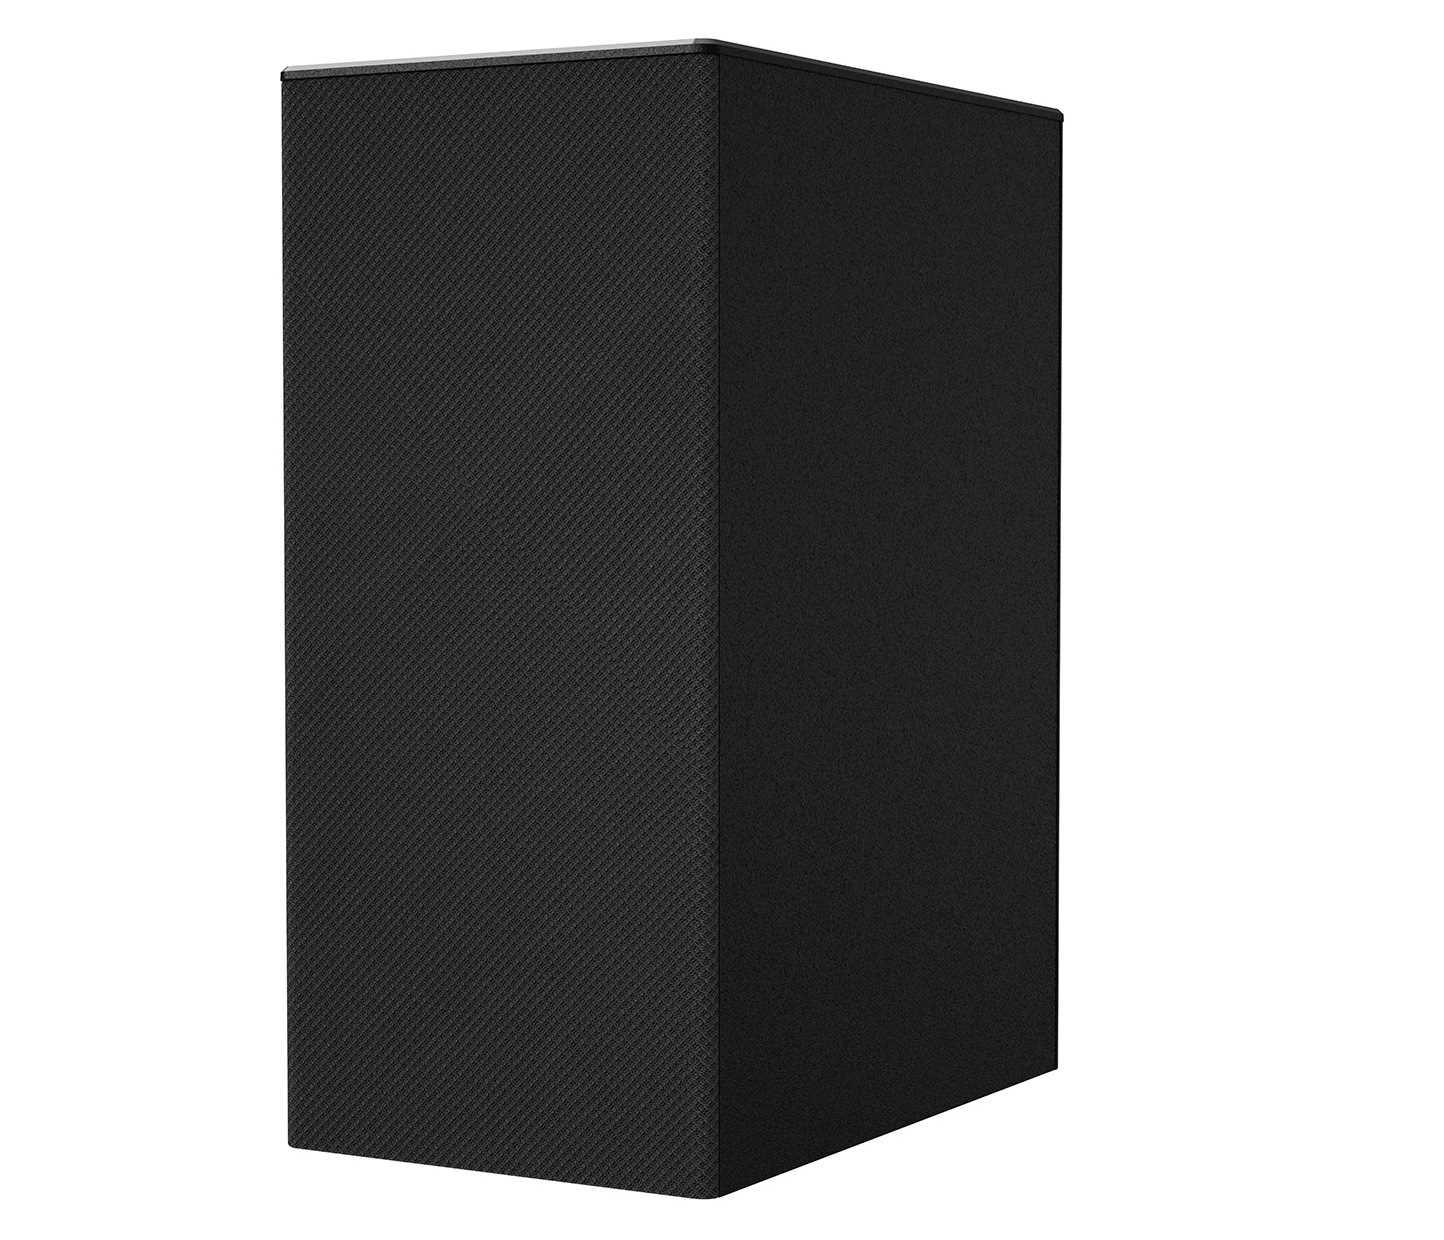 מקרן קול 400 וואט LG SN5Y DTS Virtual X אל ג'י - תמונה 7